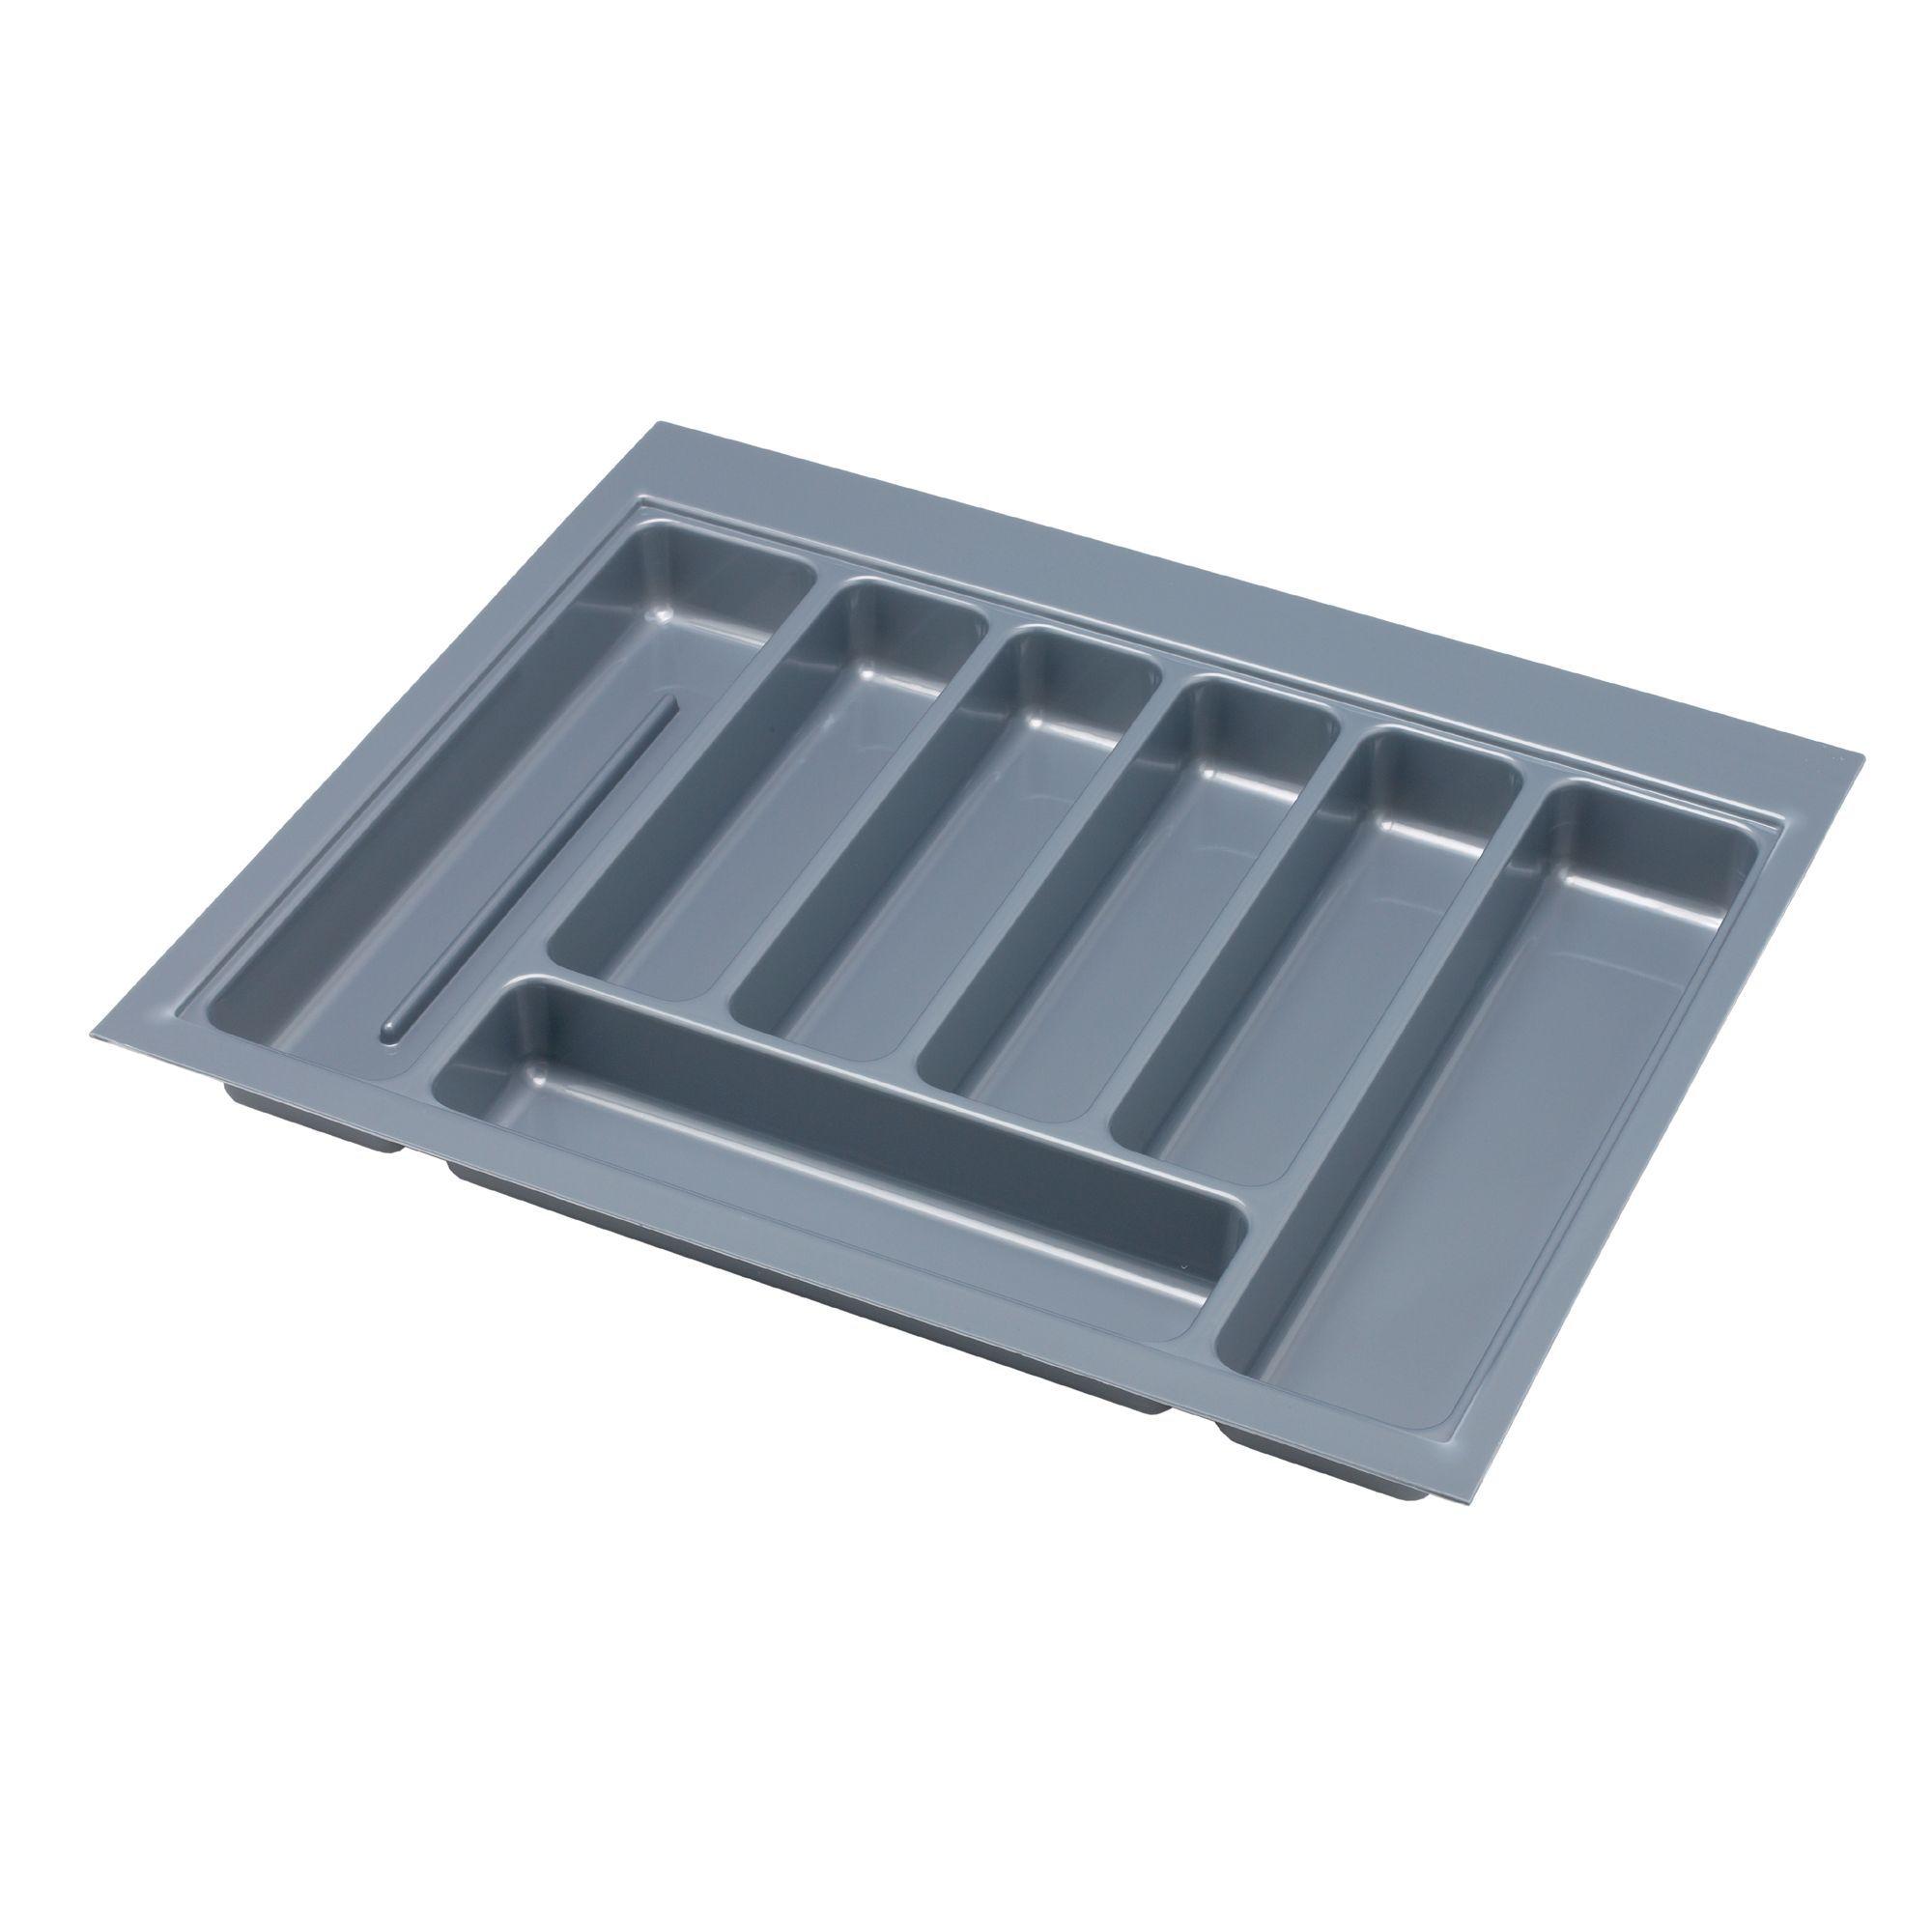 IT Kitchens Grey Plastic Kitchen Utensil Tray